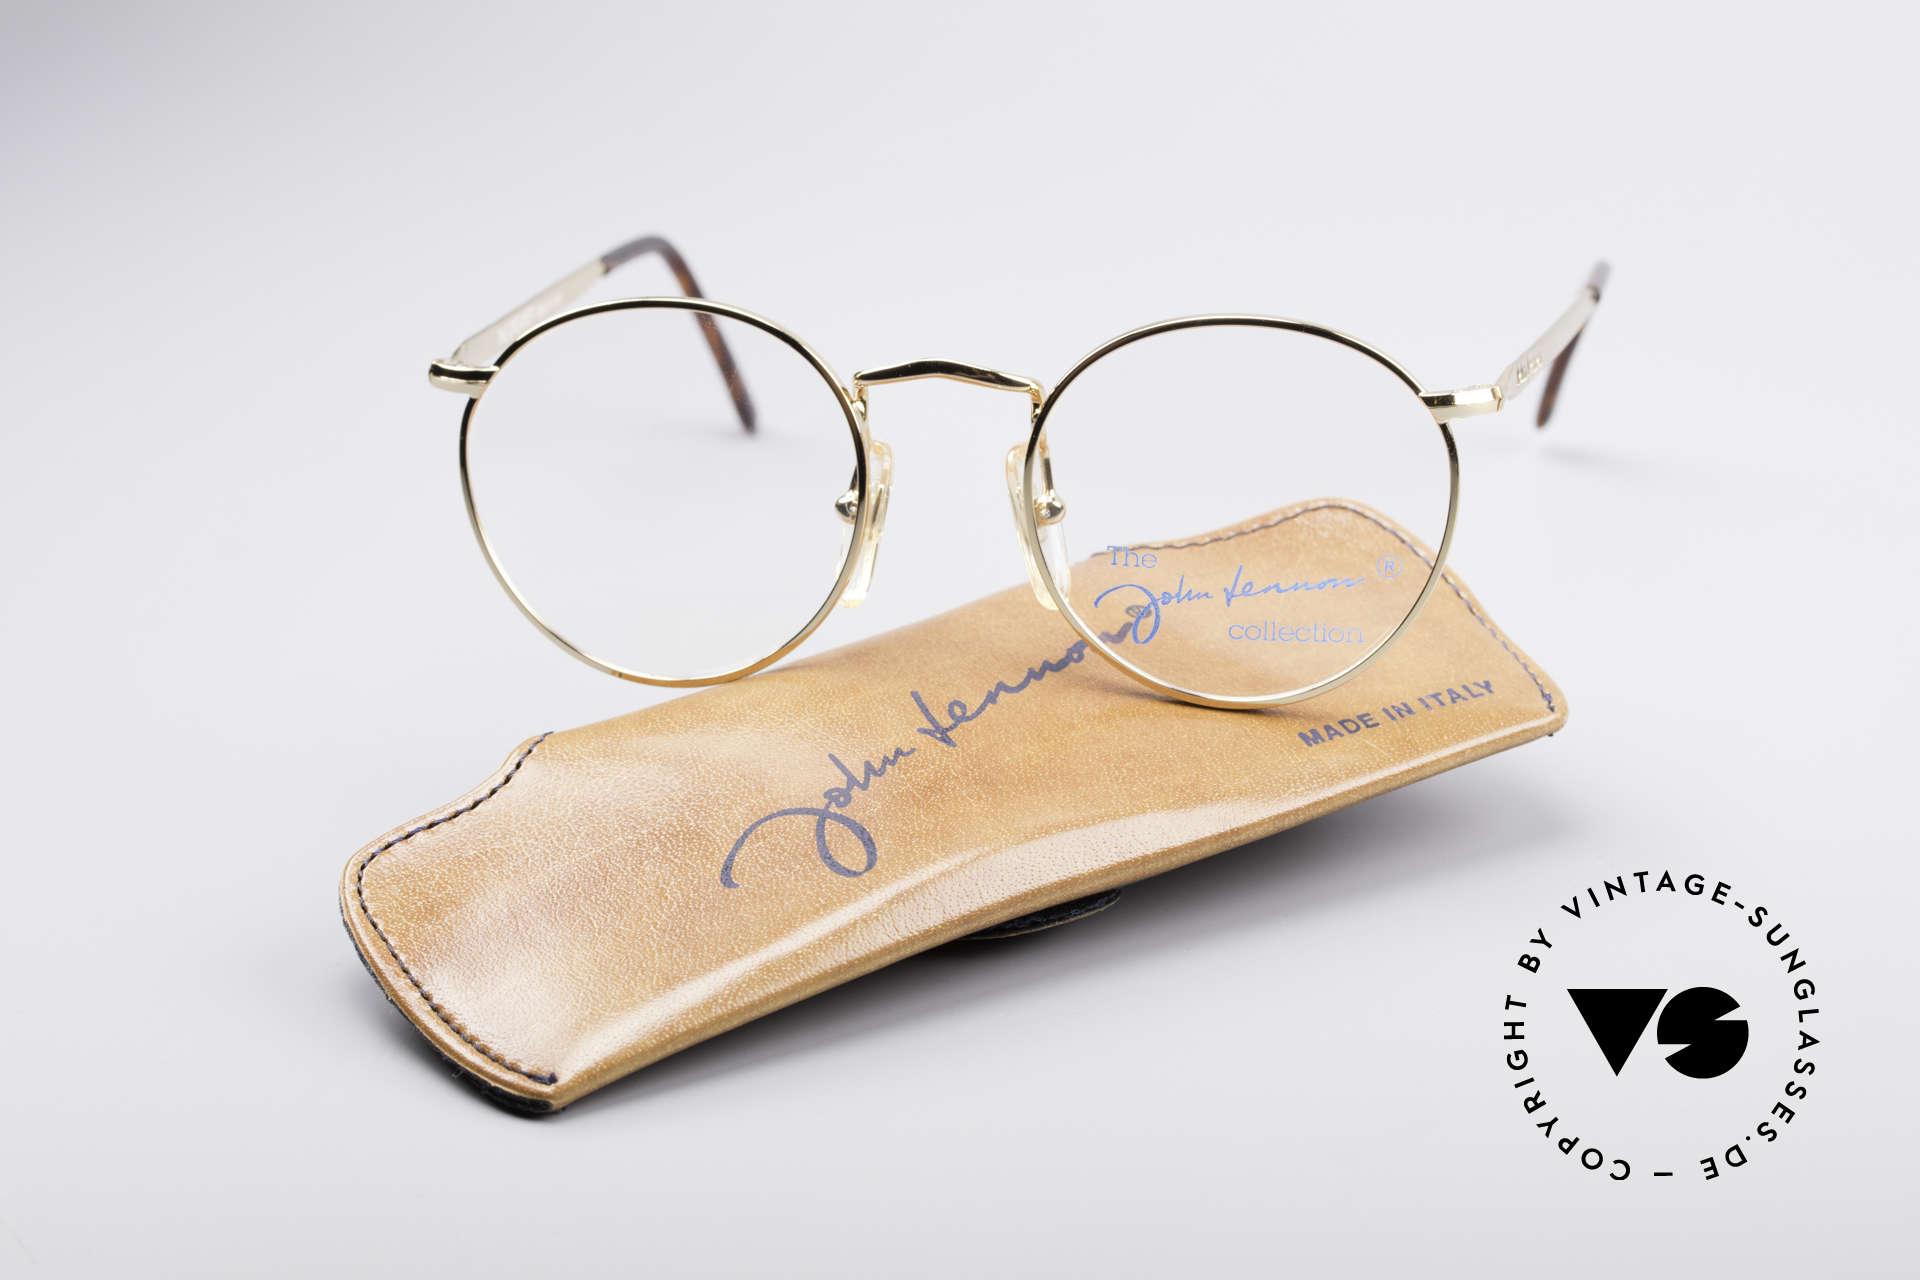 John Lennon - The Dreamer Extra Kleine Vintage Brille, ungetragen (wie alle unsere legendären JL Brillen), Passend für Herren und Damen